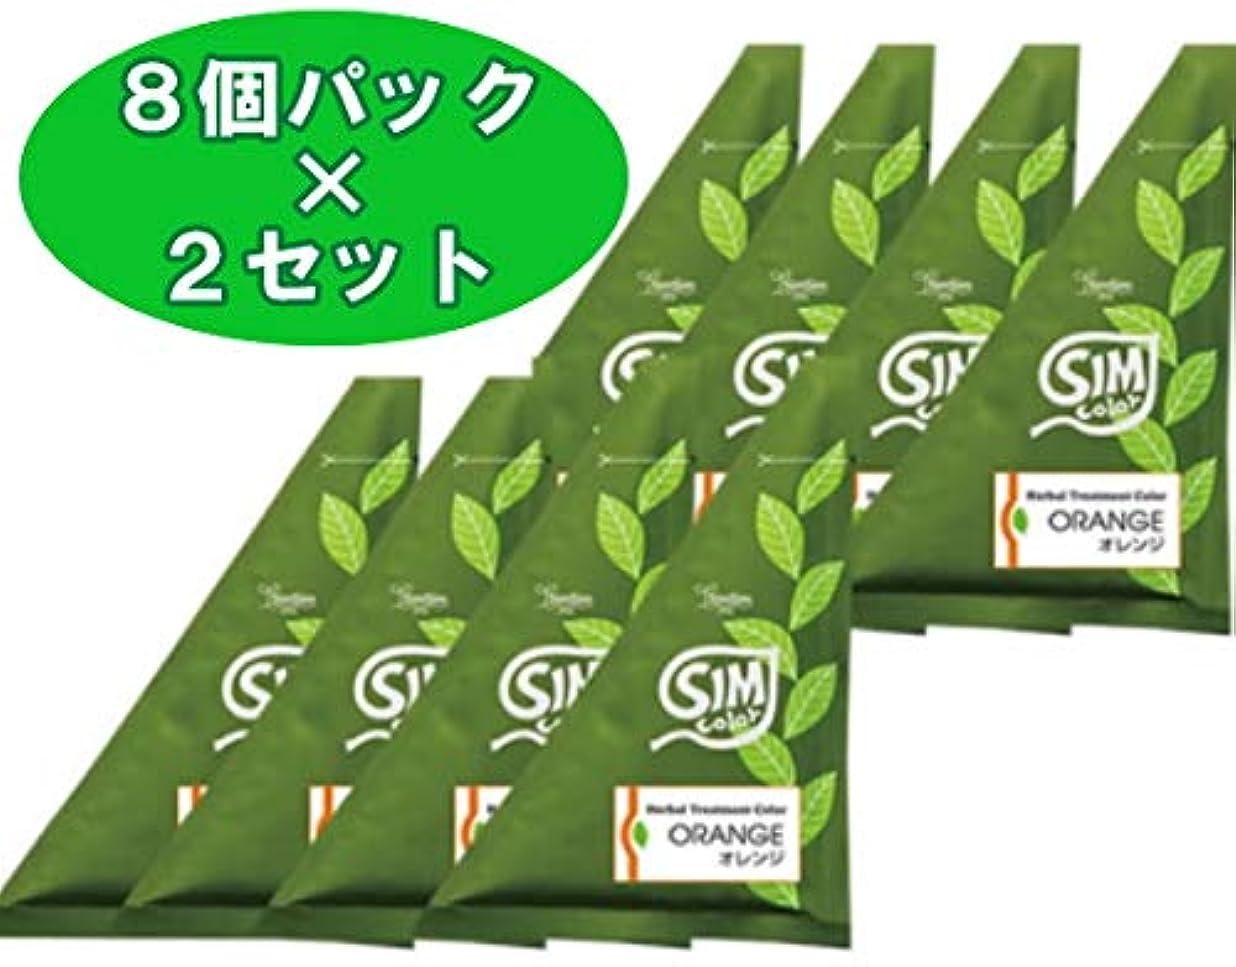 気味の悪い体系的にシネウィ【 2セット 】SimSim(シムシム)お手軽簡単シムカラーエクストラ(EX)25g 8袋X2セット (ブラウン)